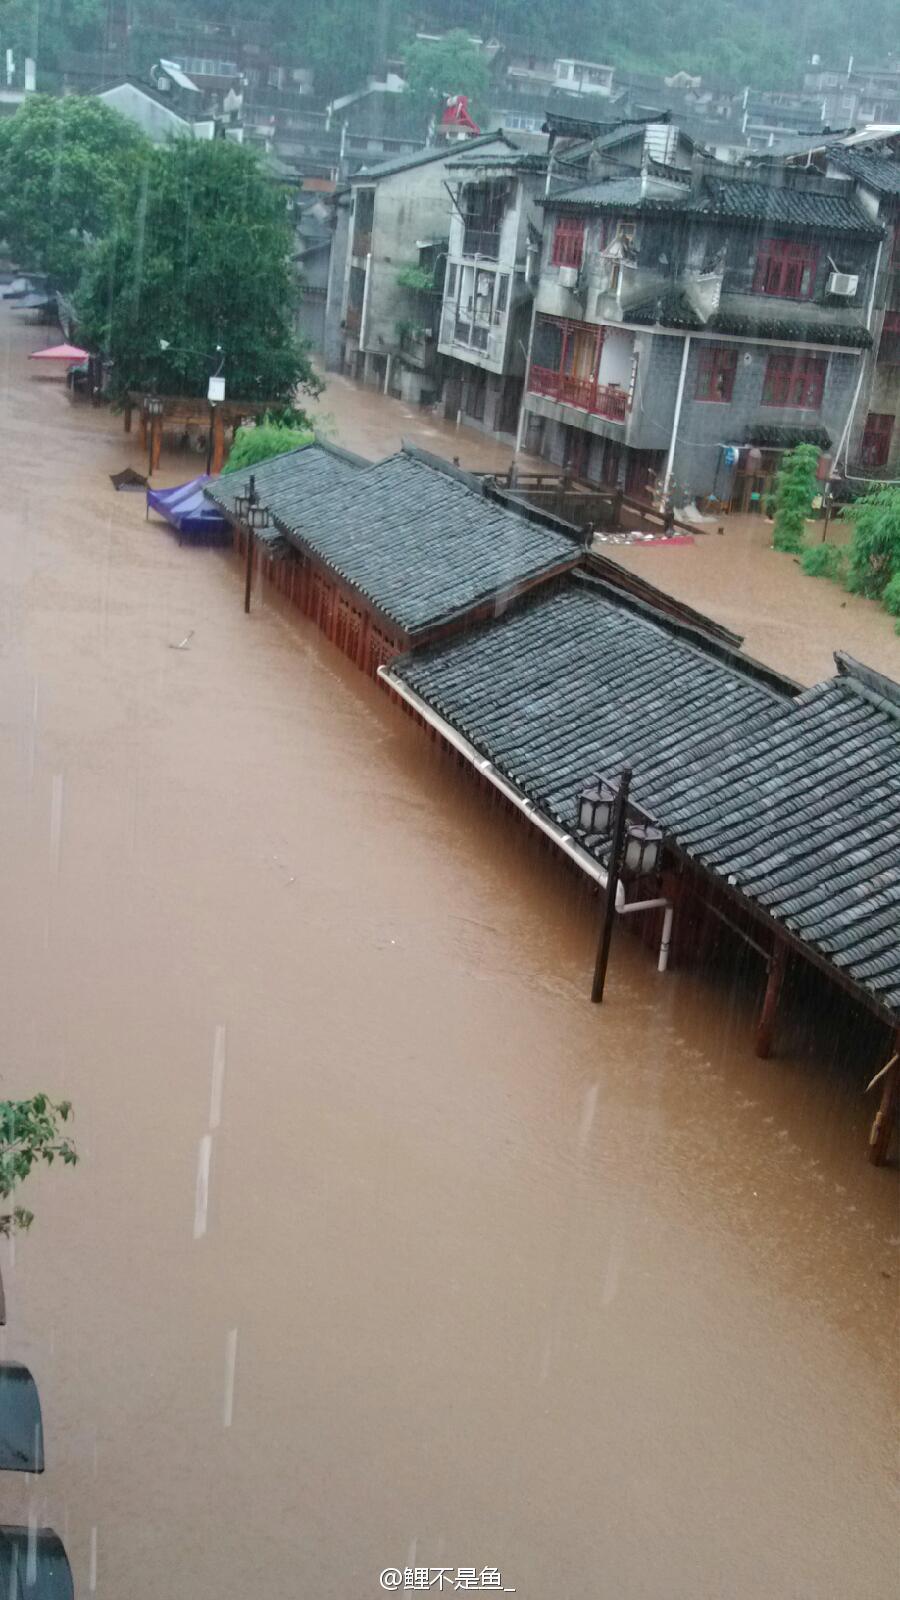 凤凰古城遭遇暴雨袭击 风雨桥被洪水冲垮